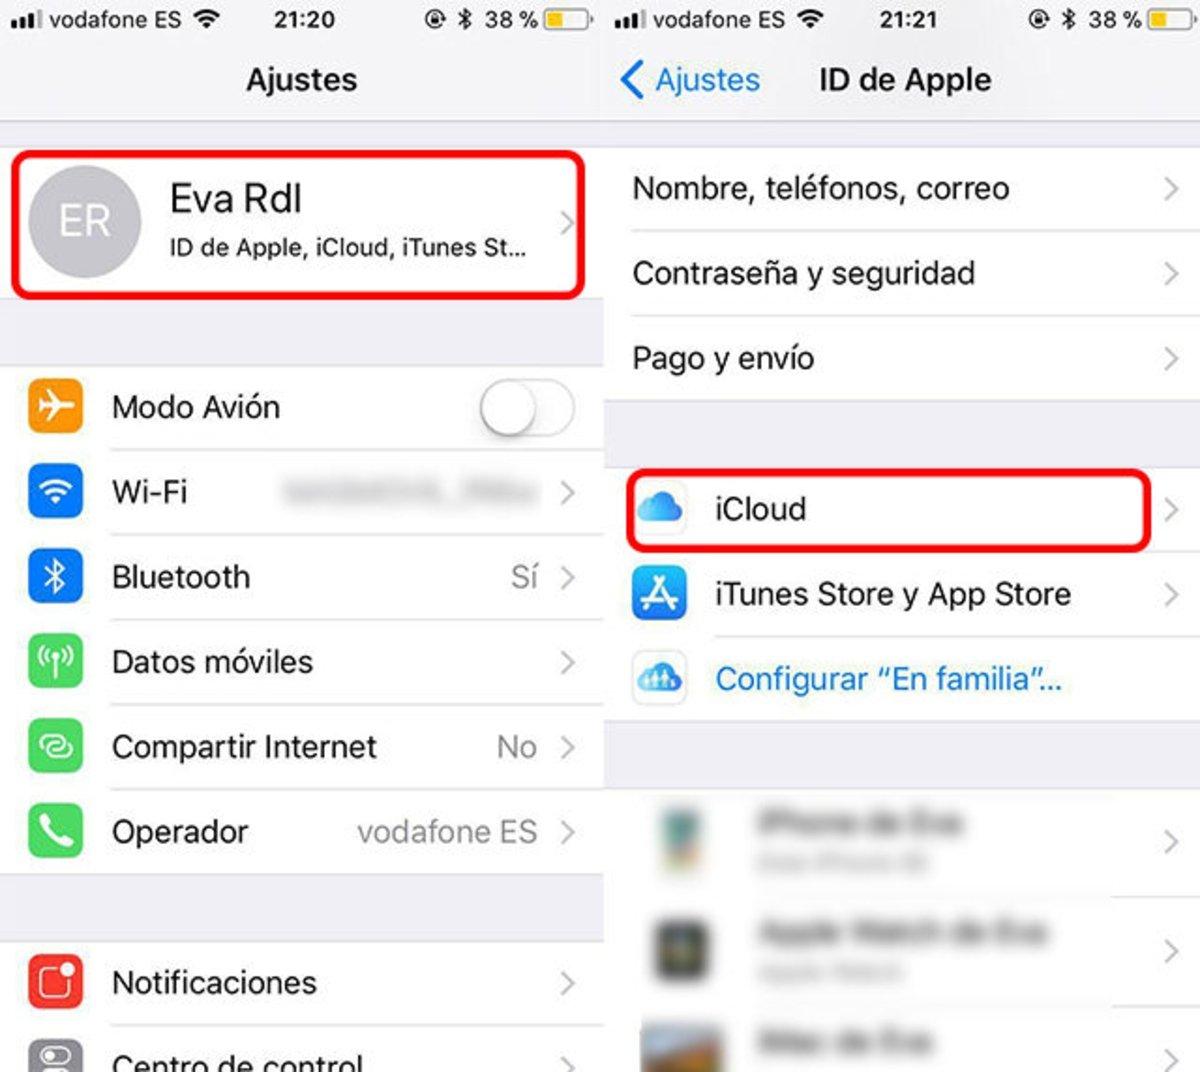 Cómo ver las contraseñas Wi-Fi guardadas en mi iPhone